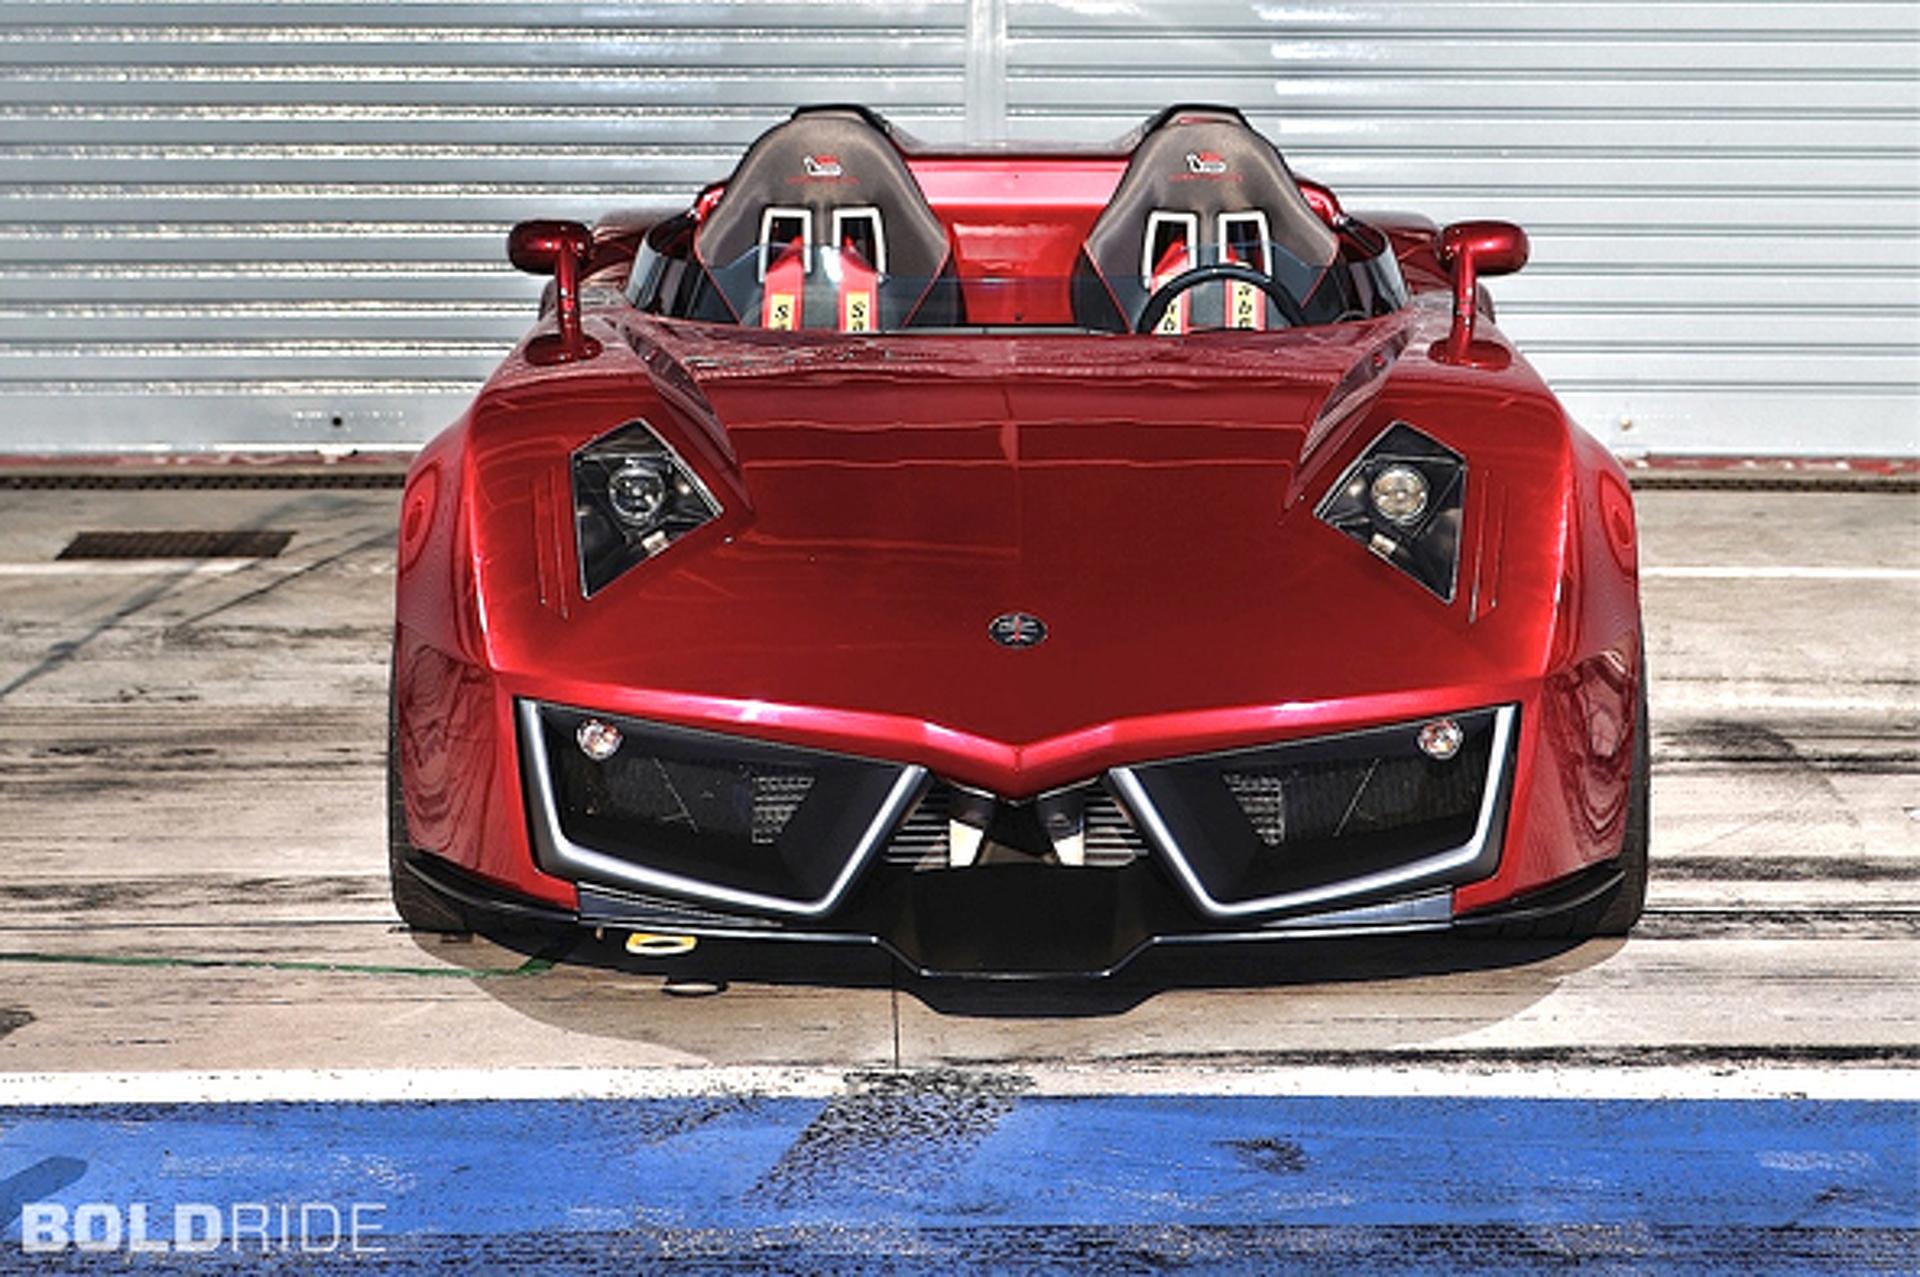 Wheels Wallpaper: Spada Vetture Sport Codatronca Monza